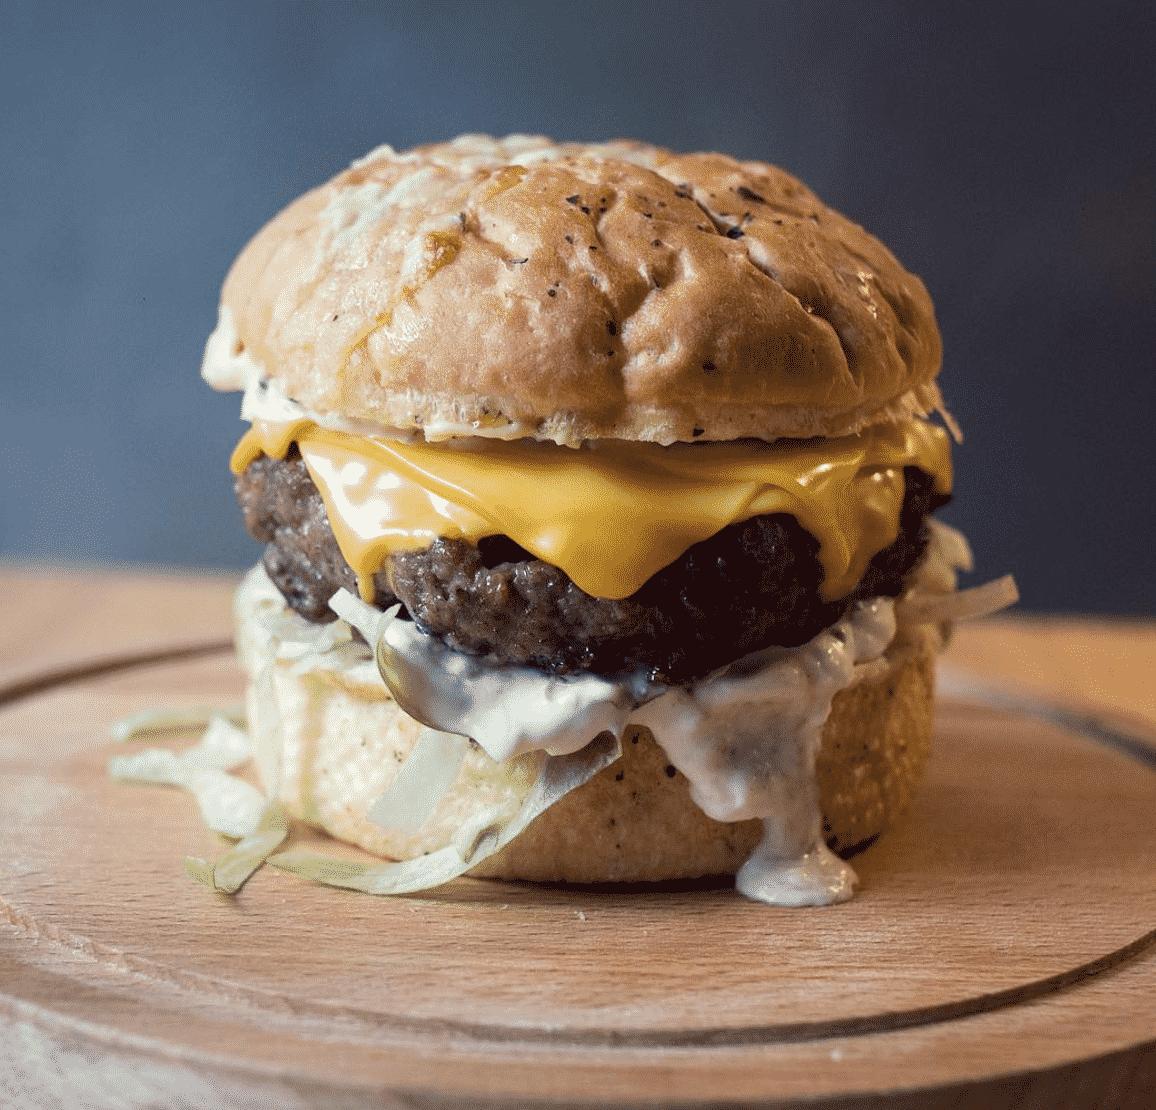 The 7 Best Belgrade Burgers